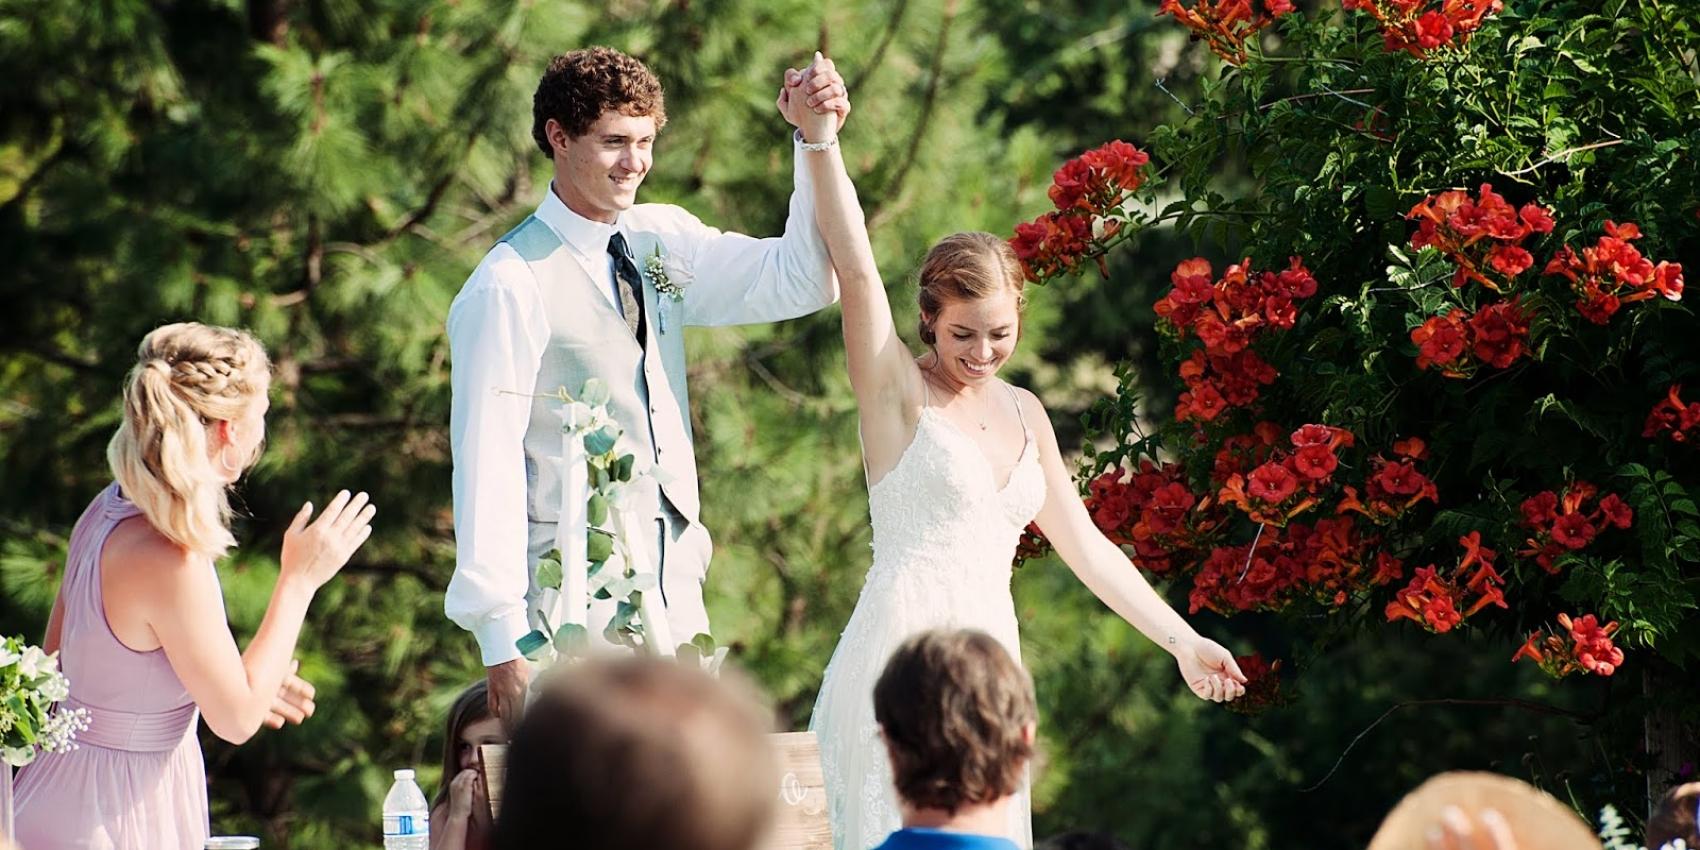 2019-08-03-KYLIE & MASON WEDDING-4872193